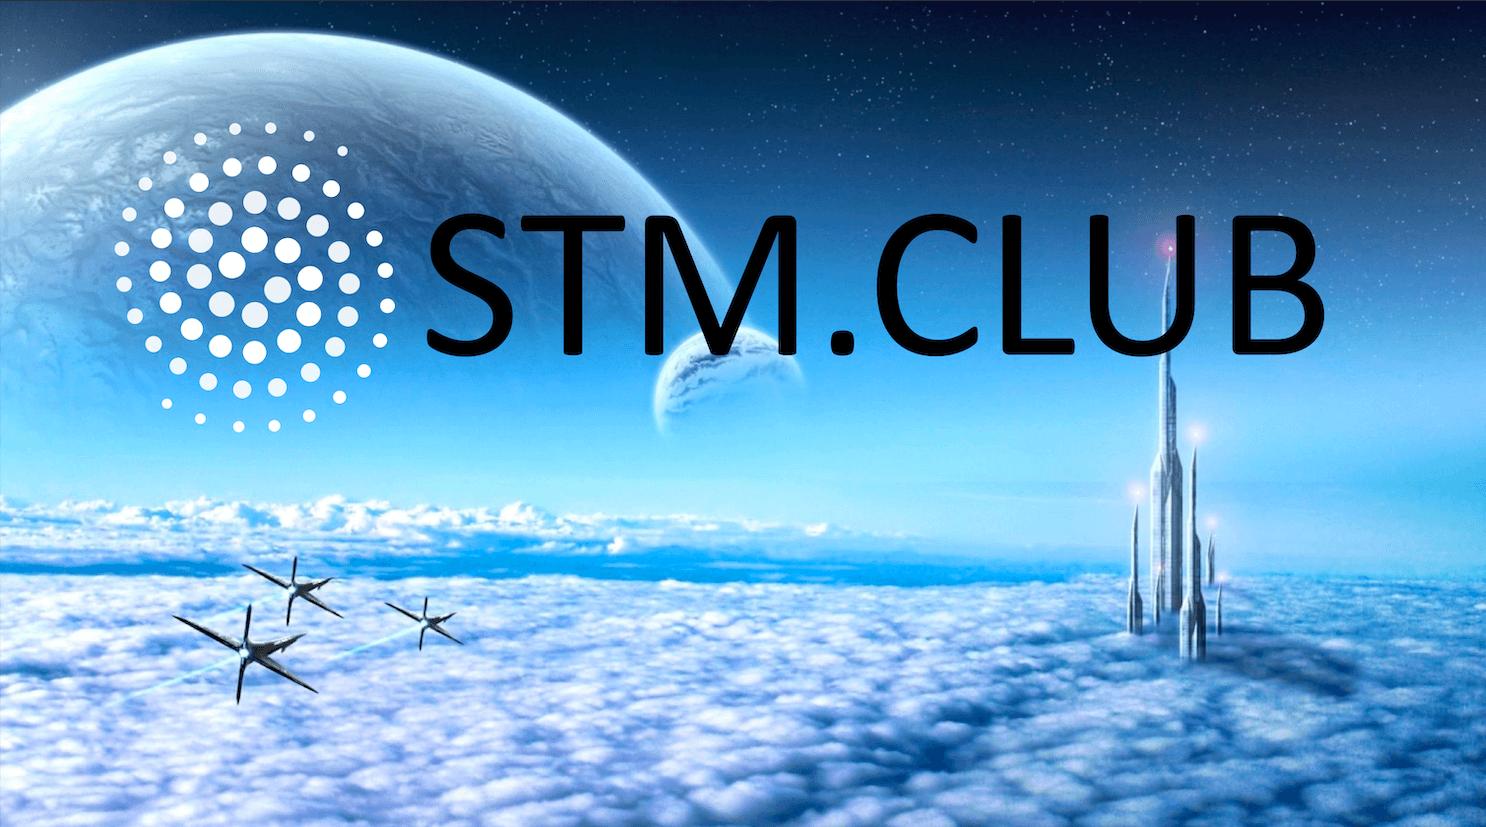 STM.Club – гармонизация жизни посредством благ децентрализованного цифрового мира